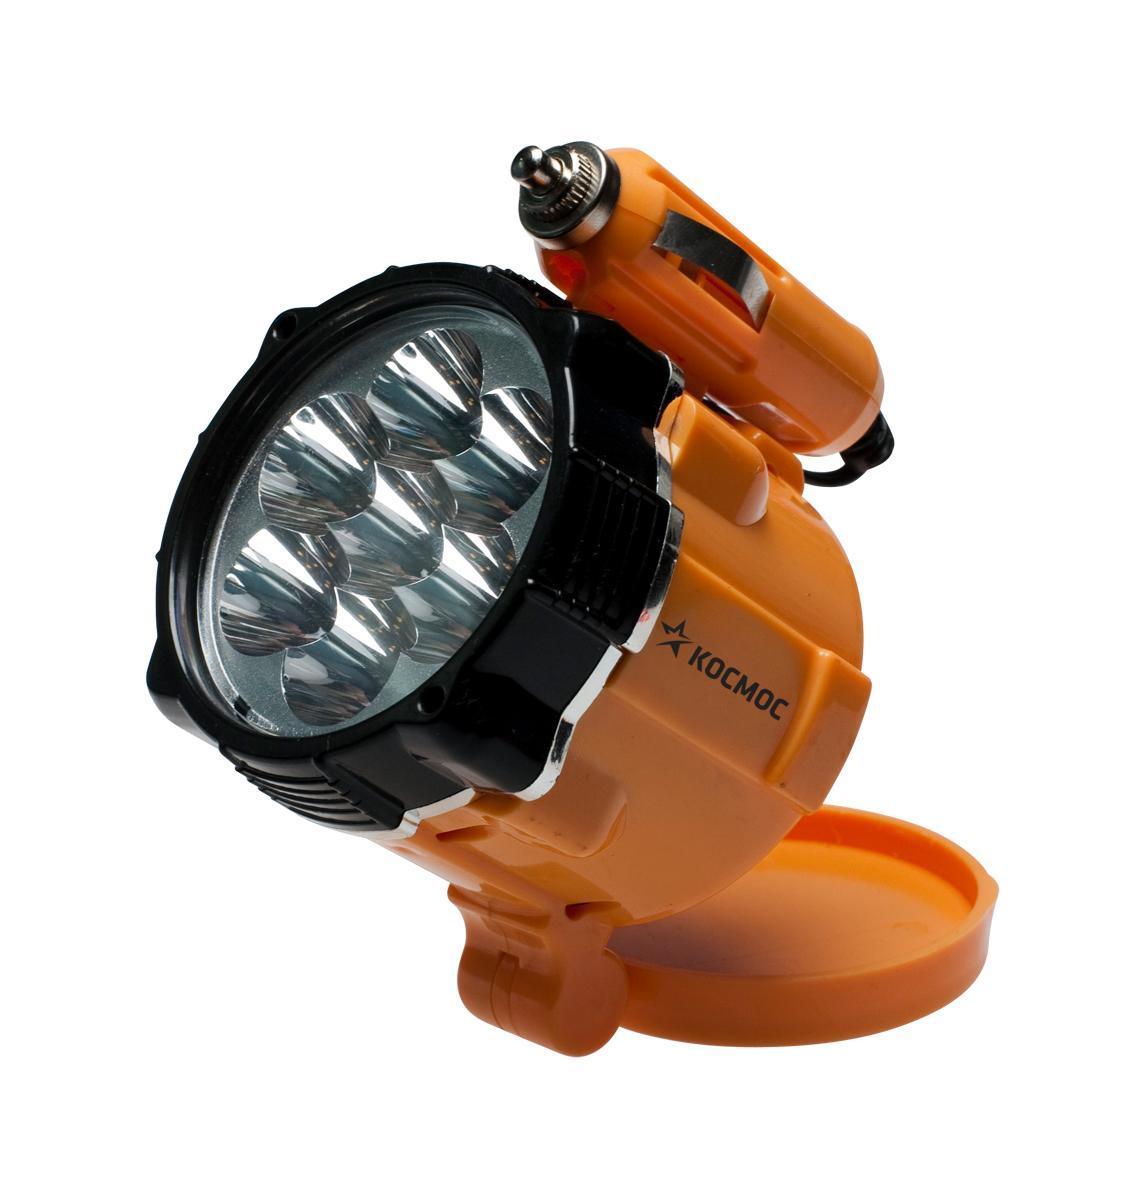 Фонарь-переноска Космос светодиодный, на магните. КОСAu6001LEDR0001598Фонарь-переноска KOCAu6001LED особенно удобен для использования автолюбителями и в путешествиях. Длина свечения - 1 метр. Источниками света выступают 7 светодиодных ламп. Питается от бортовой сети автомобиля. Время работы - 3 часа. Характеристики:Материал: пластик, стекло, металл, магнит. Размер фонаря:6,5 см х 9 см х 7,5 см. Тип лампочки:LED. Количество лампочек:7 шт. Производитель: Россия. Изготовитель: Китай. Артикул:КОСAu6001LED. Космос - российский бренд электротоваров, созданный, чтобы обеспечить отечественного покупателя качественной энергосберегающей и энергоэффективной продукцией в категориях:Лампы, светильники Сезонные электротовары Элементы питания, фонари Электроустановочные изделия. Лучшие заводы шести стран мира: Россия, Украина, Белоруссия, Китай, Корея, Япония производят товары Космос на базе современных технологий.